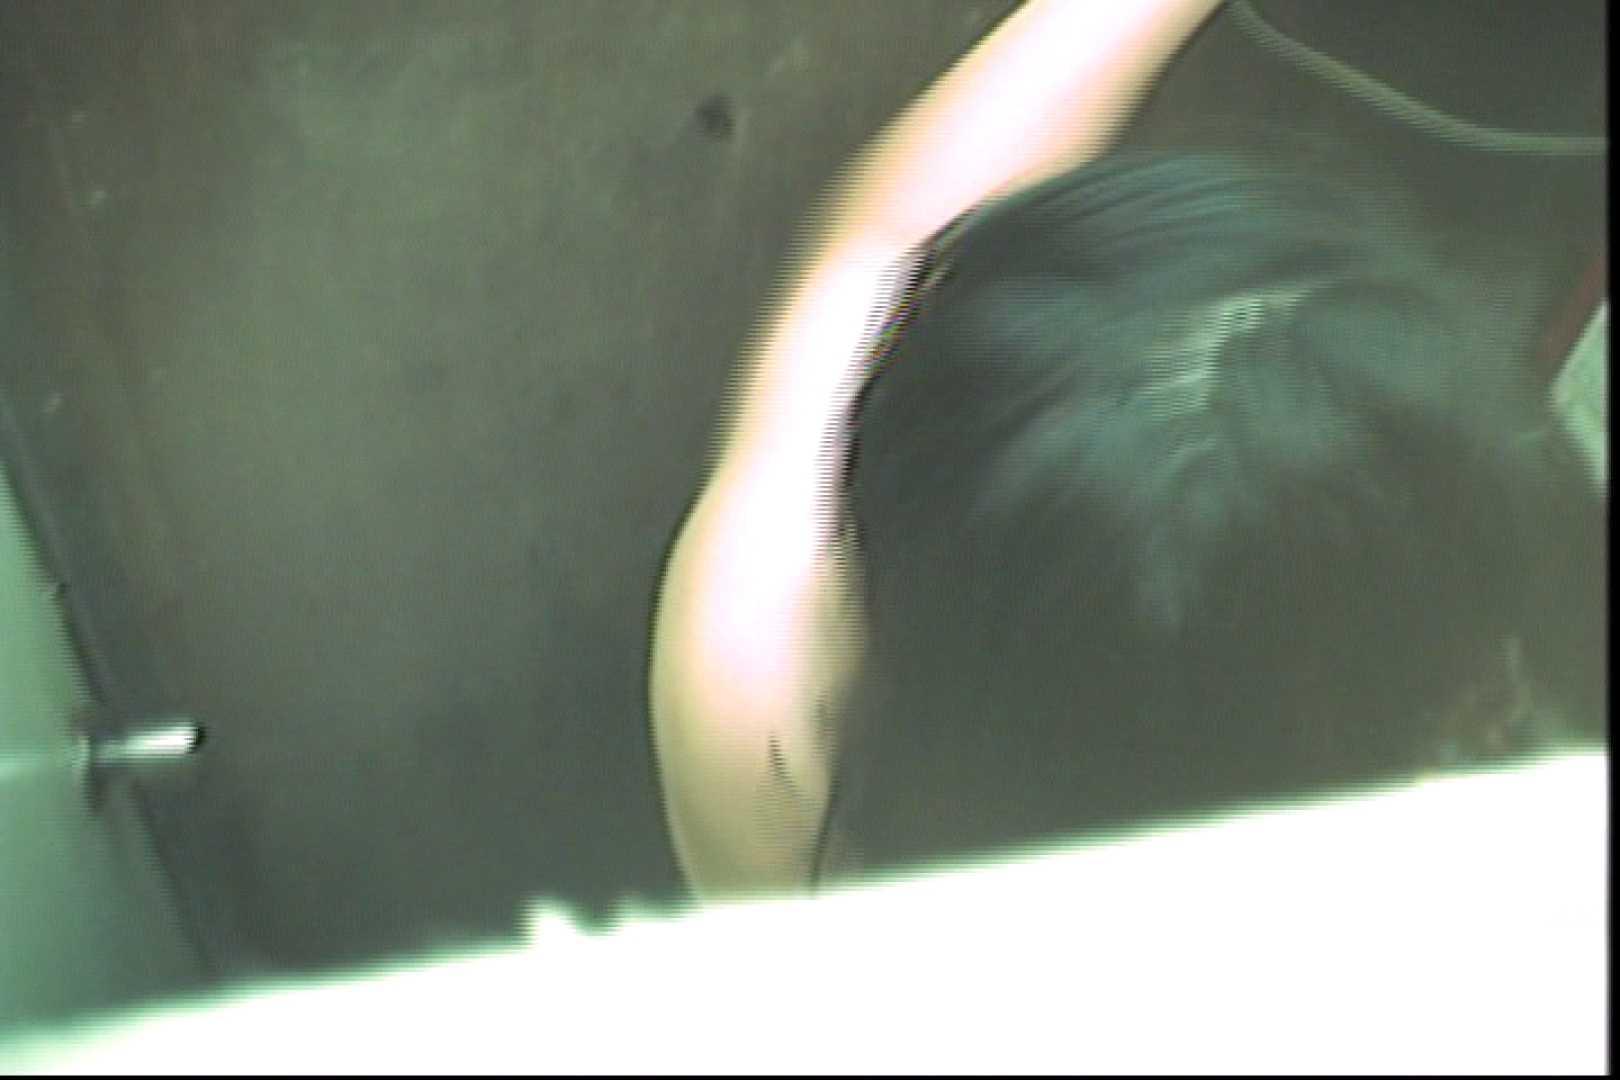 海の家の更衣室 Vol.49 OLのボディ | シャワー  76PIX 1